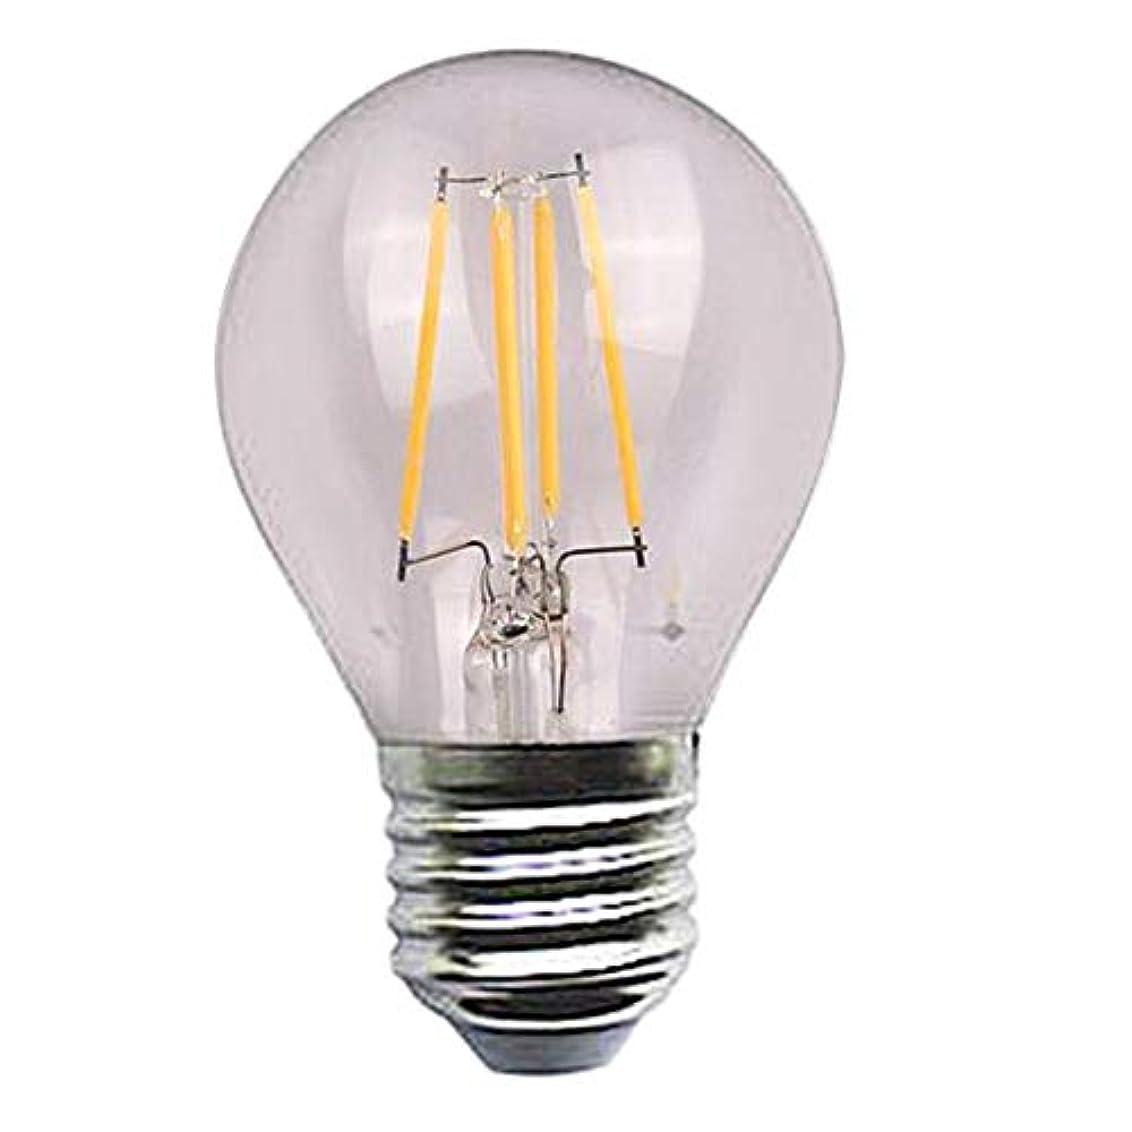 ラッシュ登録冗長エジソンはフィラメントシリーズ球根4w 110-220vの銀ランプの頭部を導きました